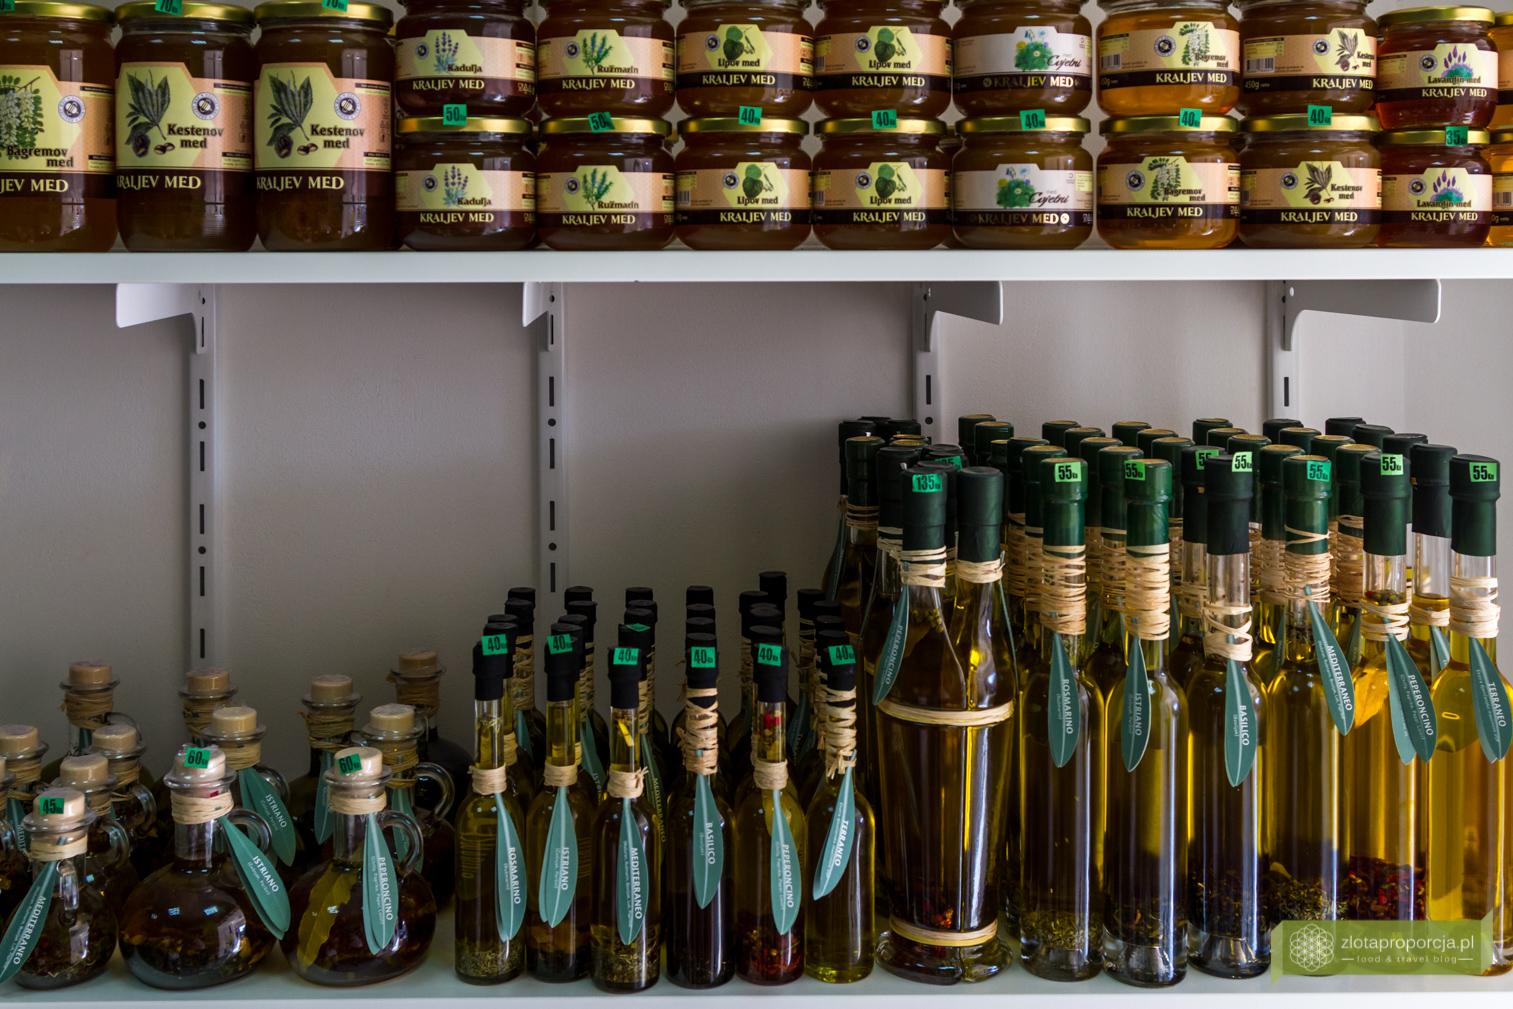 kuchnia chorwacka, kuchnia Istrii, Istria, co zjeść na Istrii, miody, oliwy